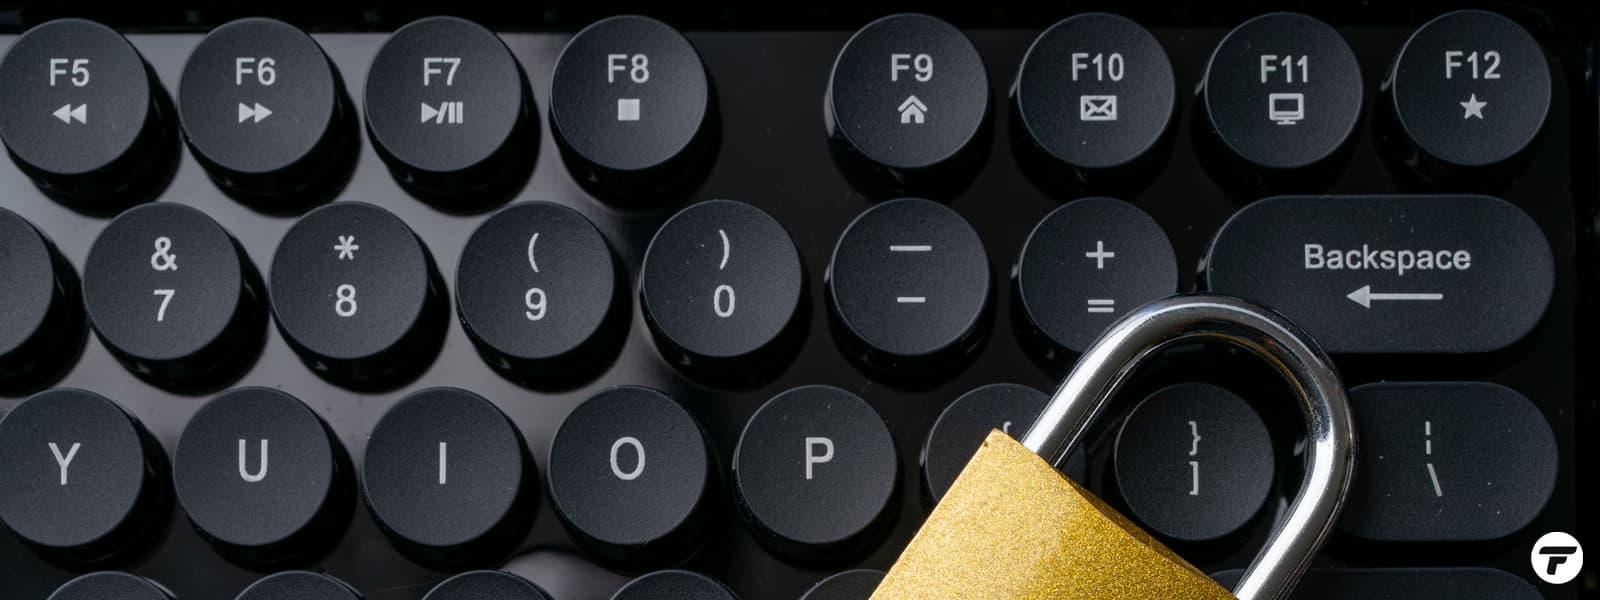 Blog Keyboard Padlock